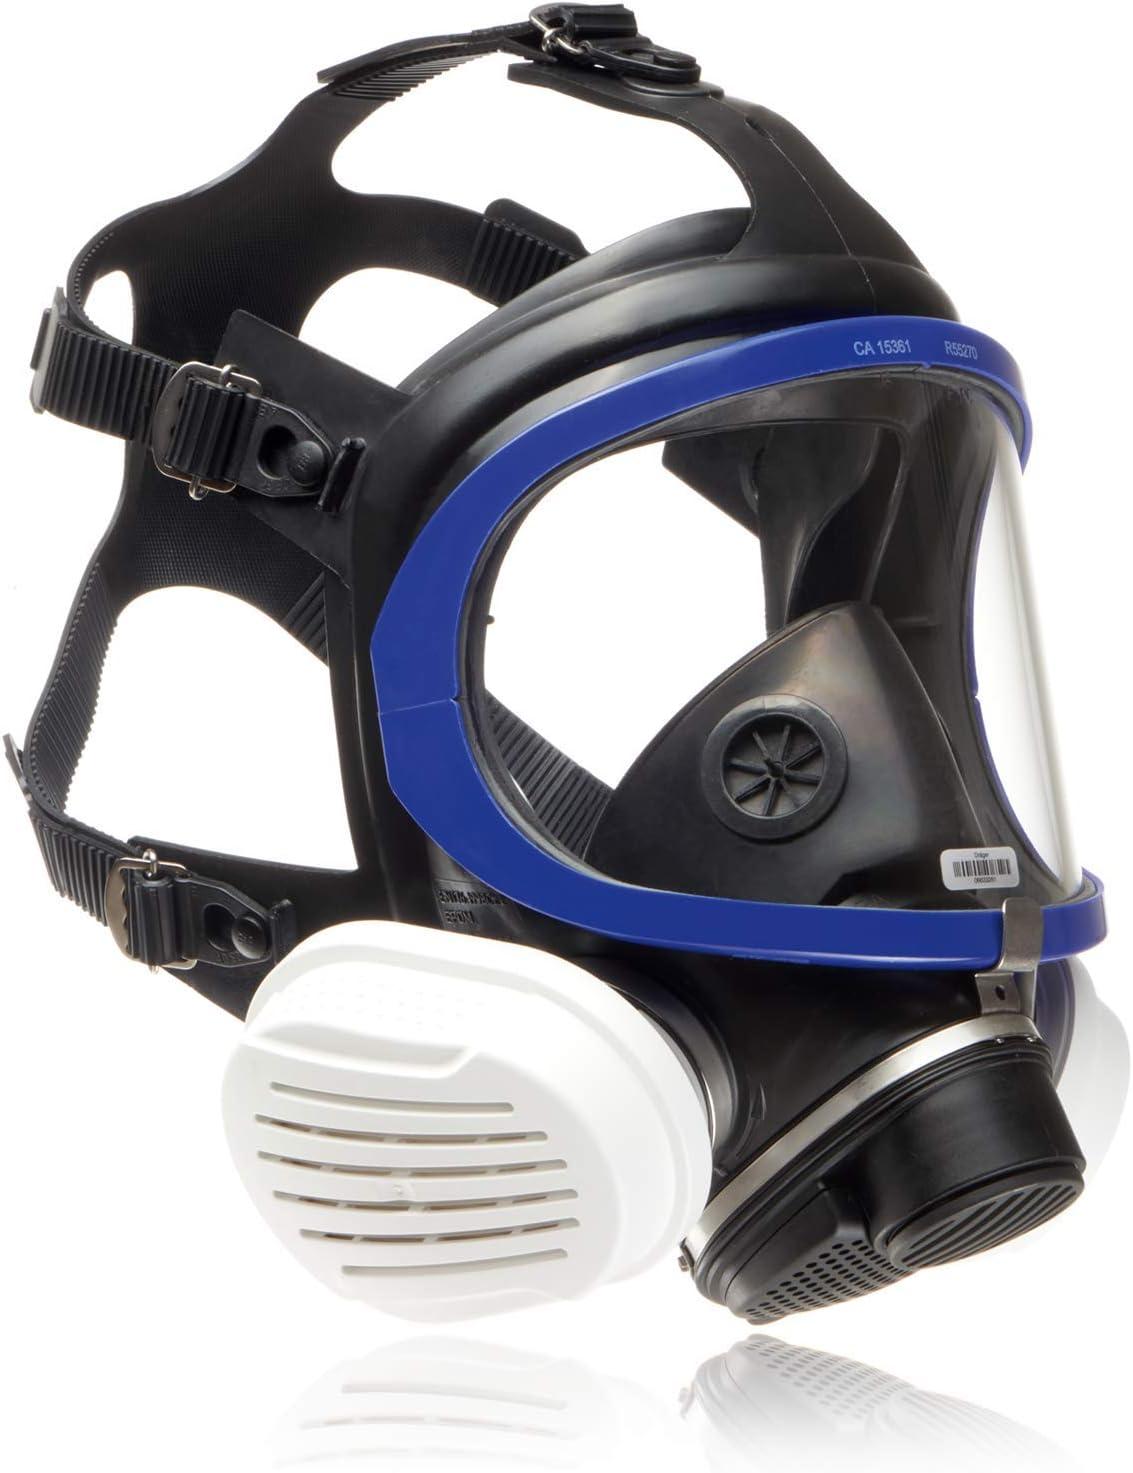 Dräger X-plore 5500® Máscara Completa de protección con filtros reemplazables P3 R para Trabajos químicos de Construcción, Carpintería y Bricolaje